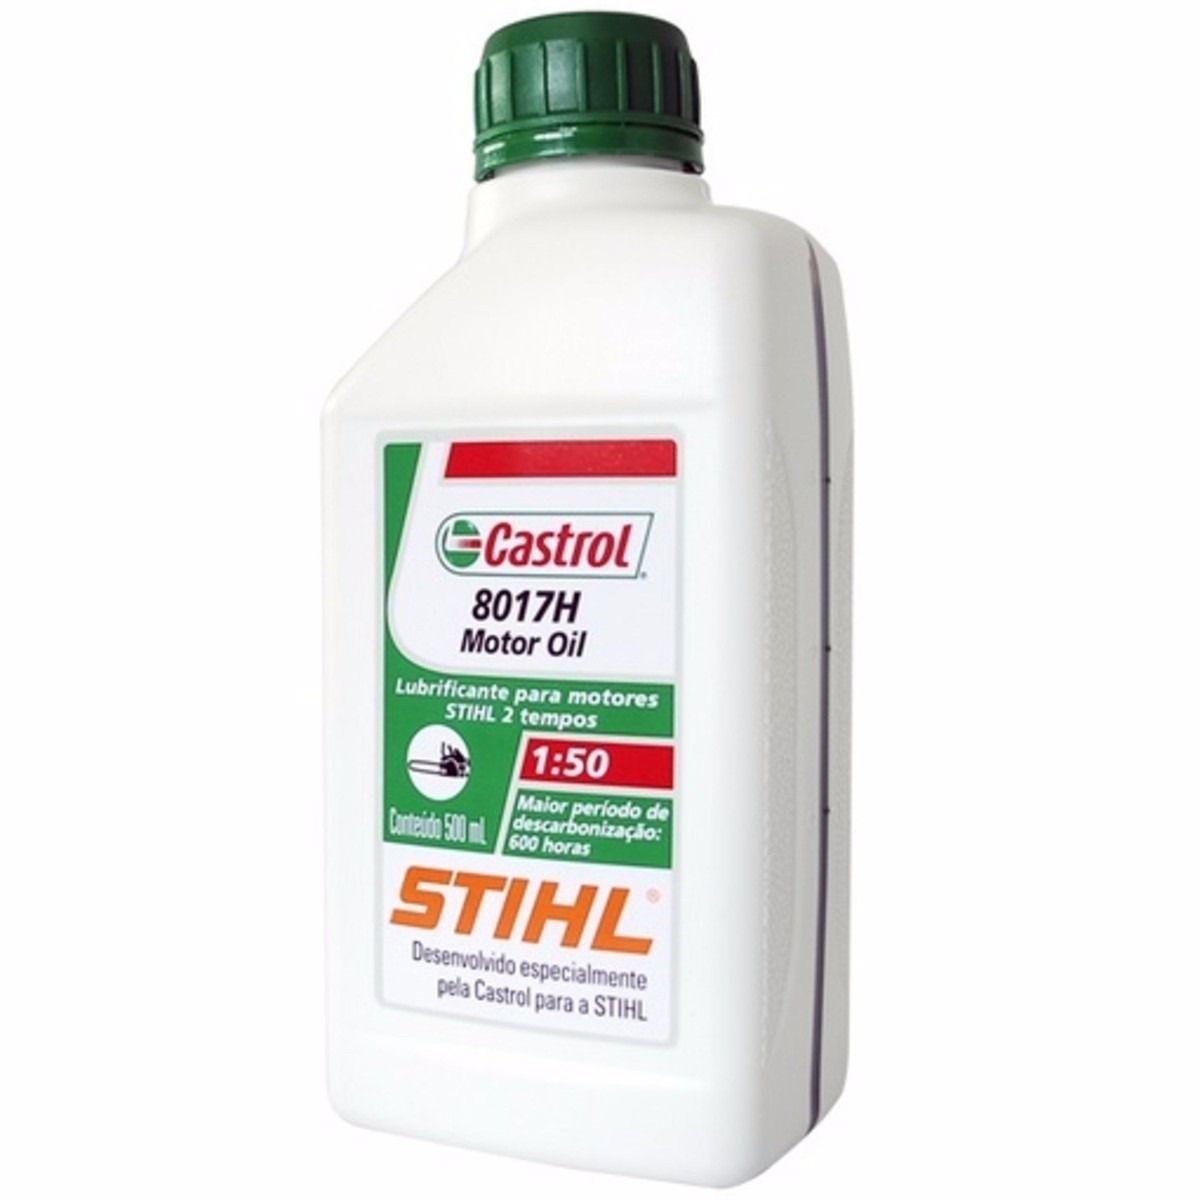 CASTROL 2T STIHL 8017 H 500ML